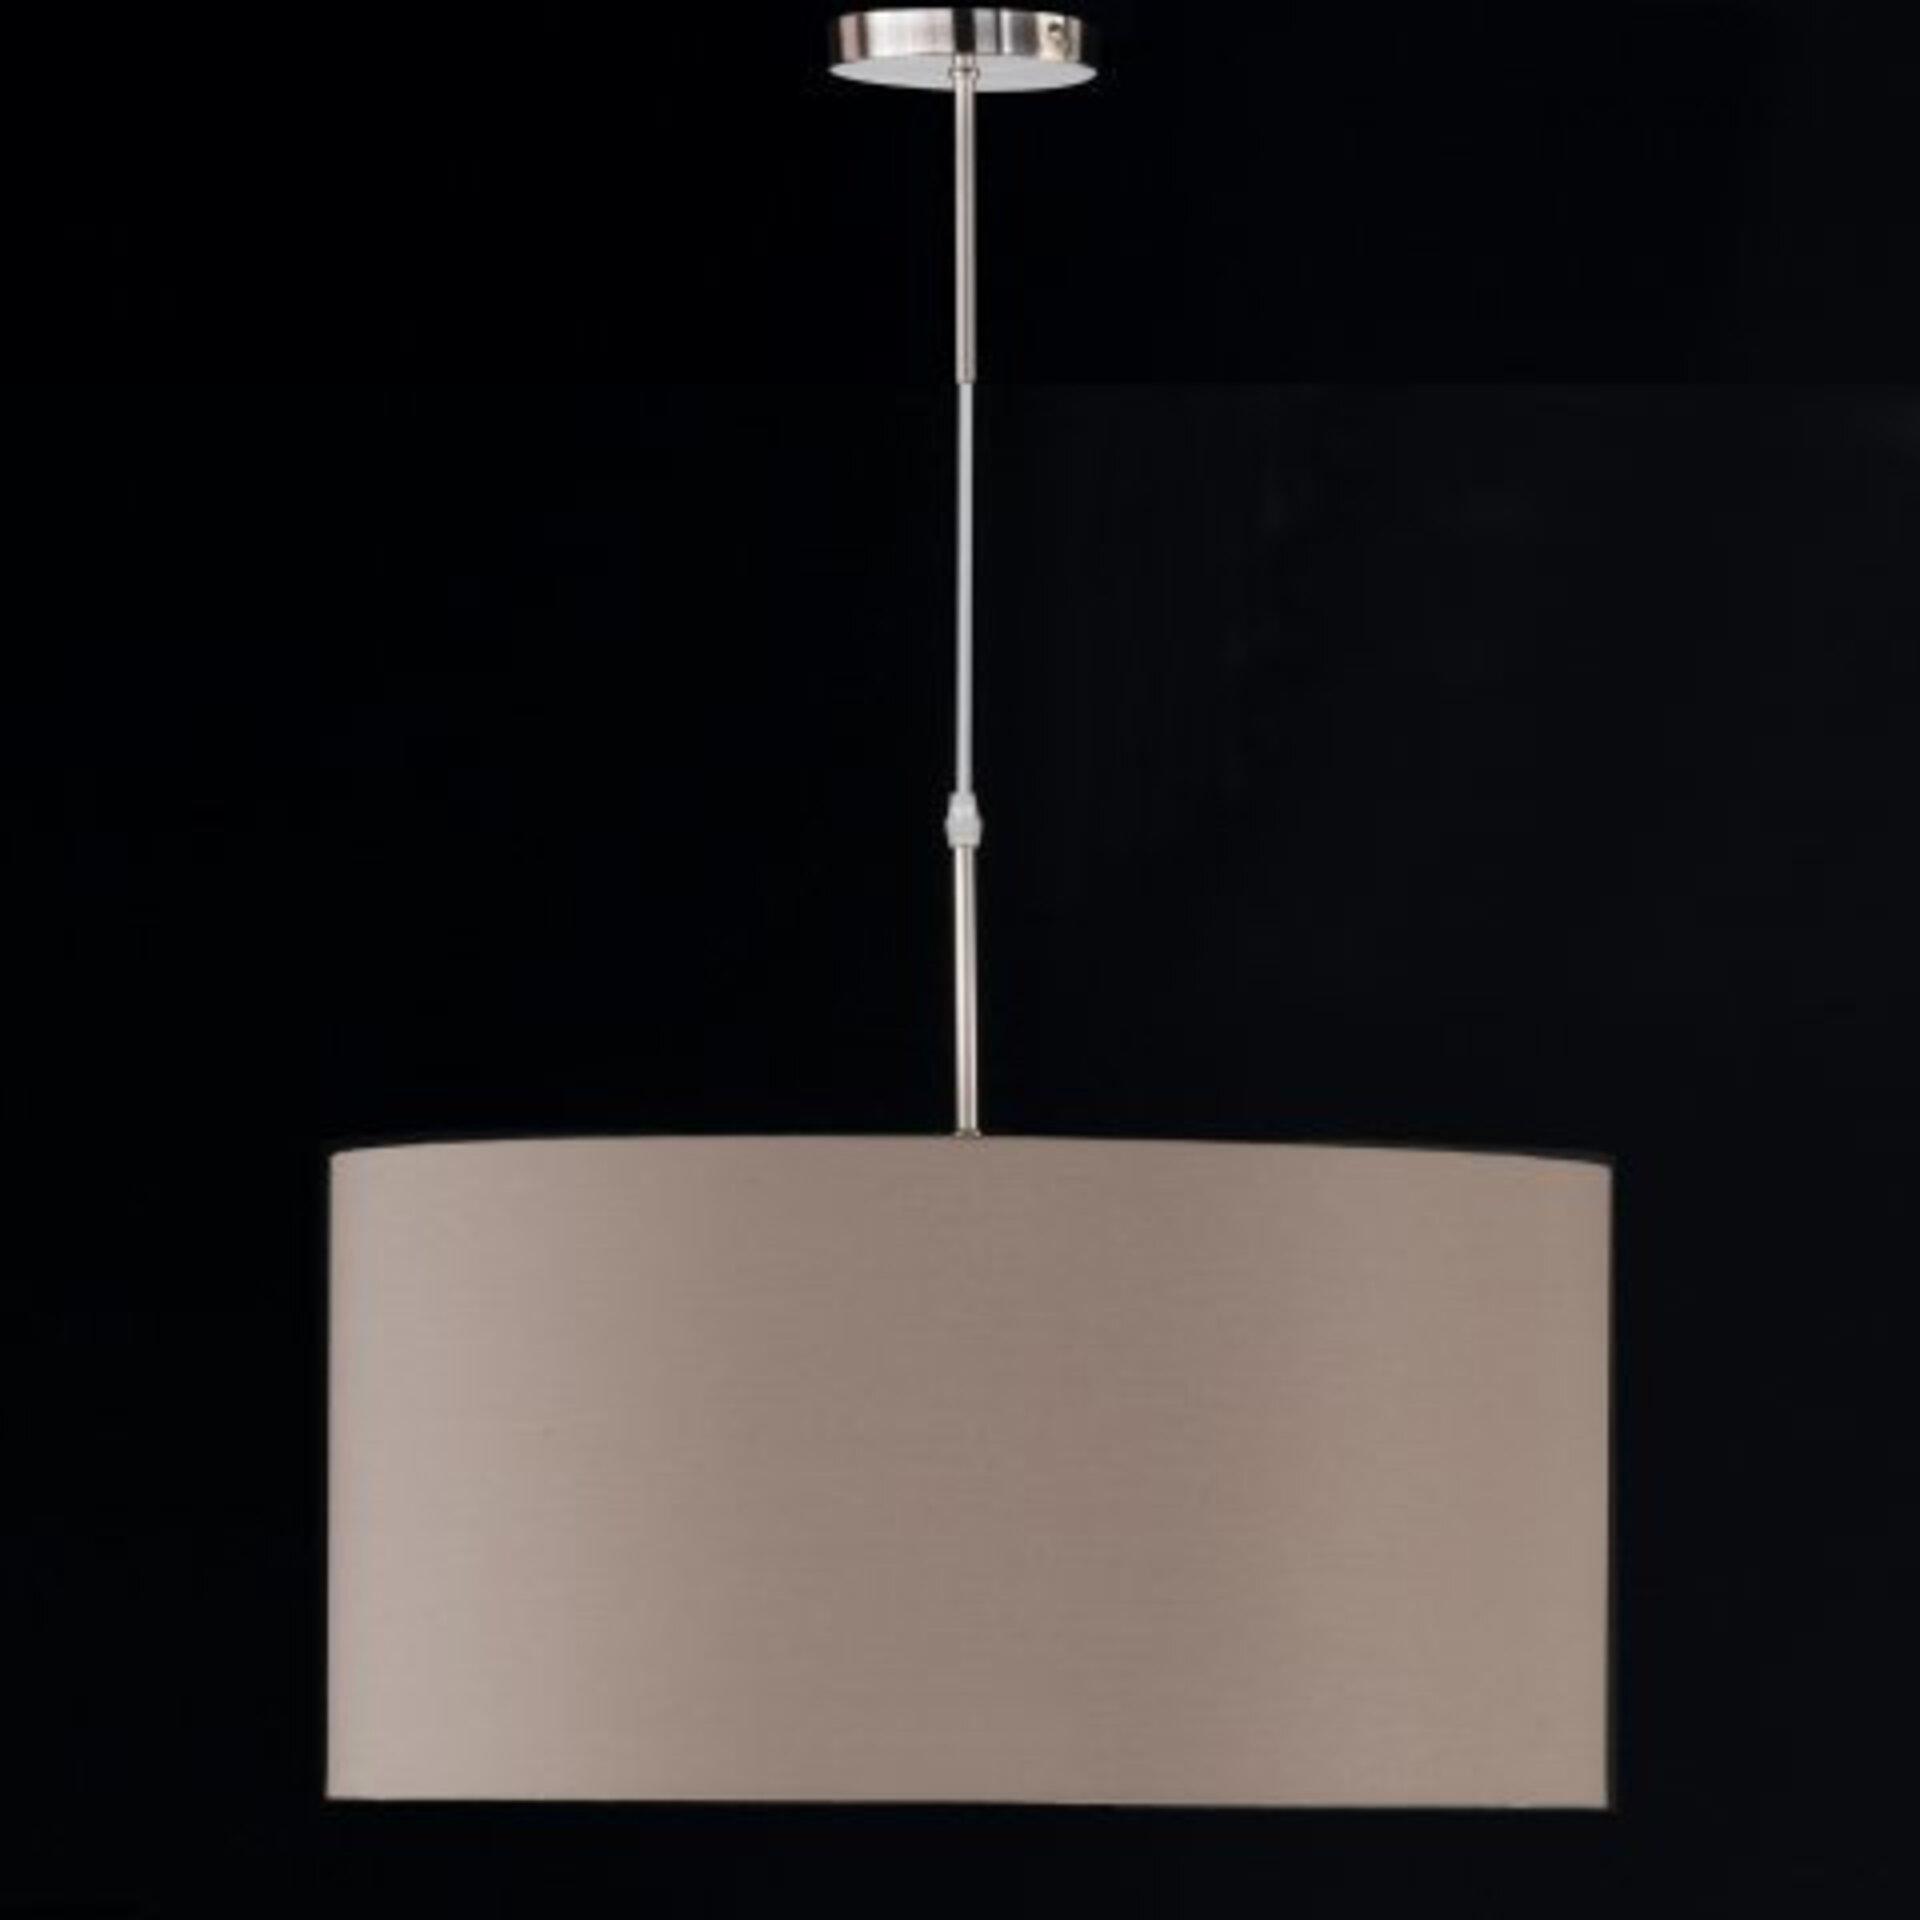 Hängeleuchte Marie Fischer-Honsel Metall silber 50 x 130 x 50 cm